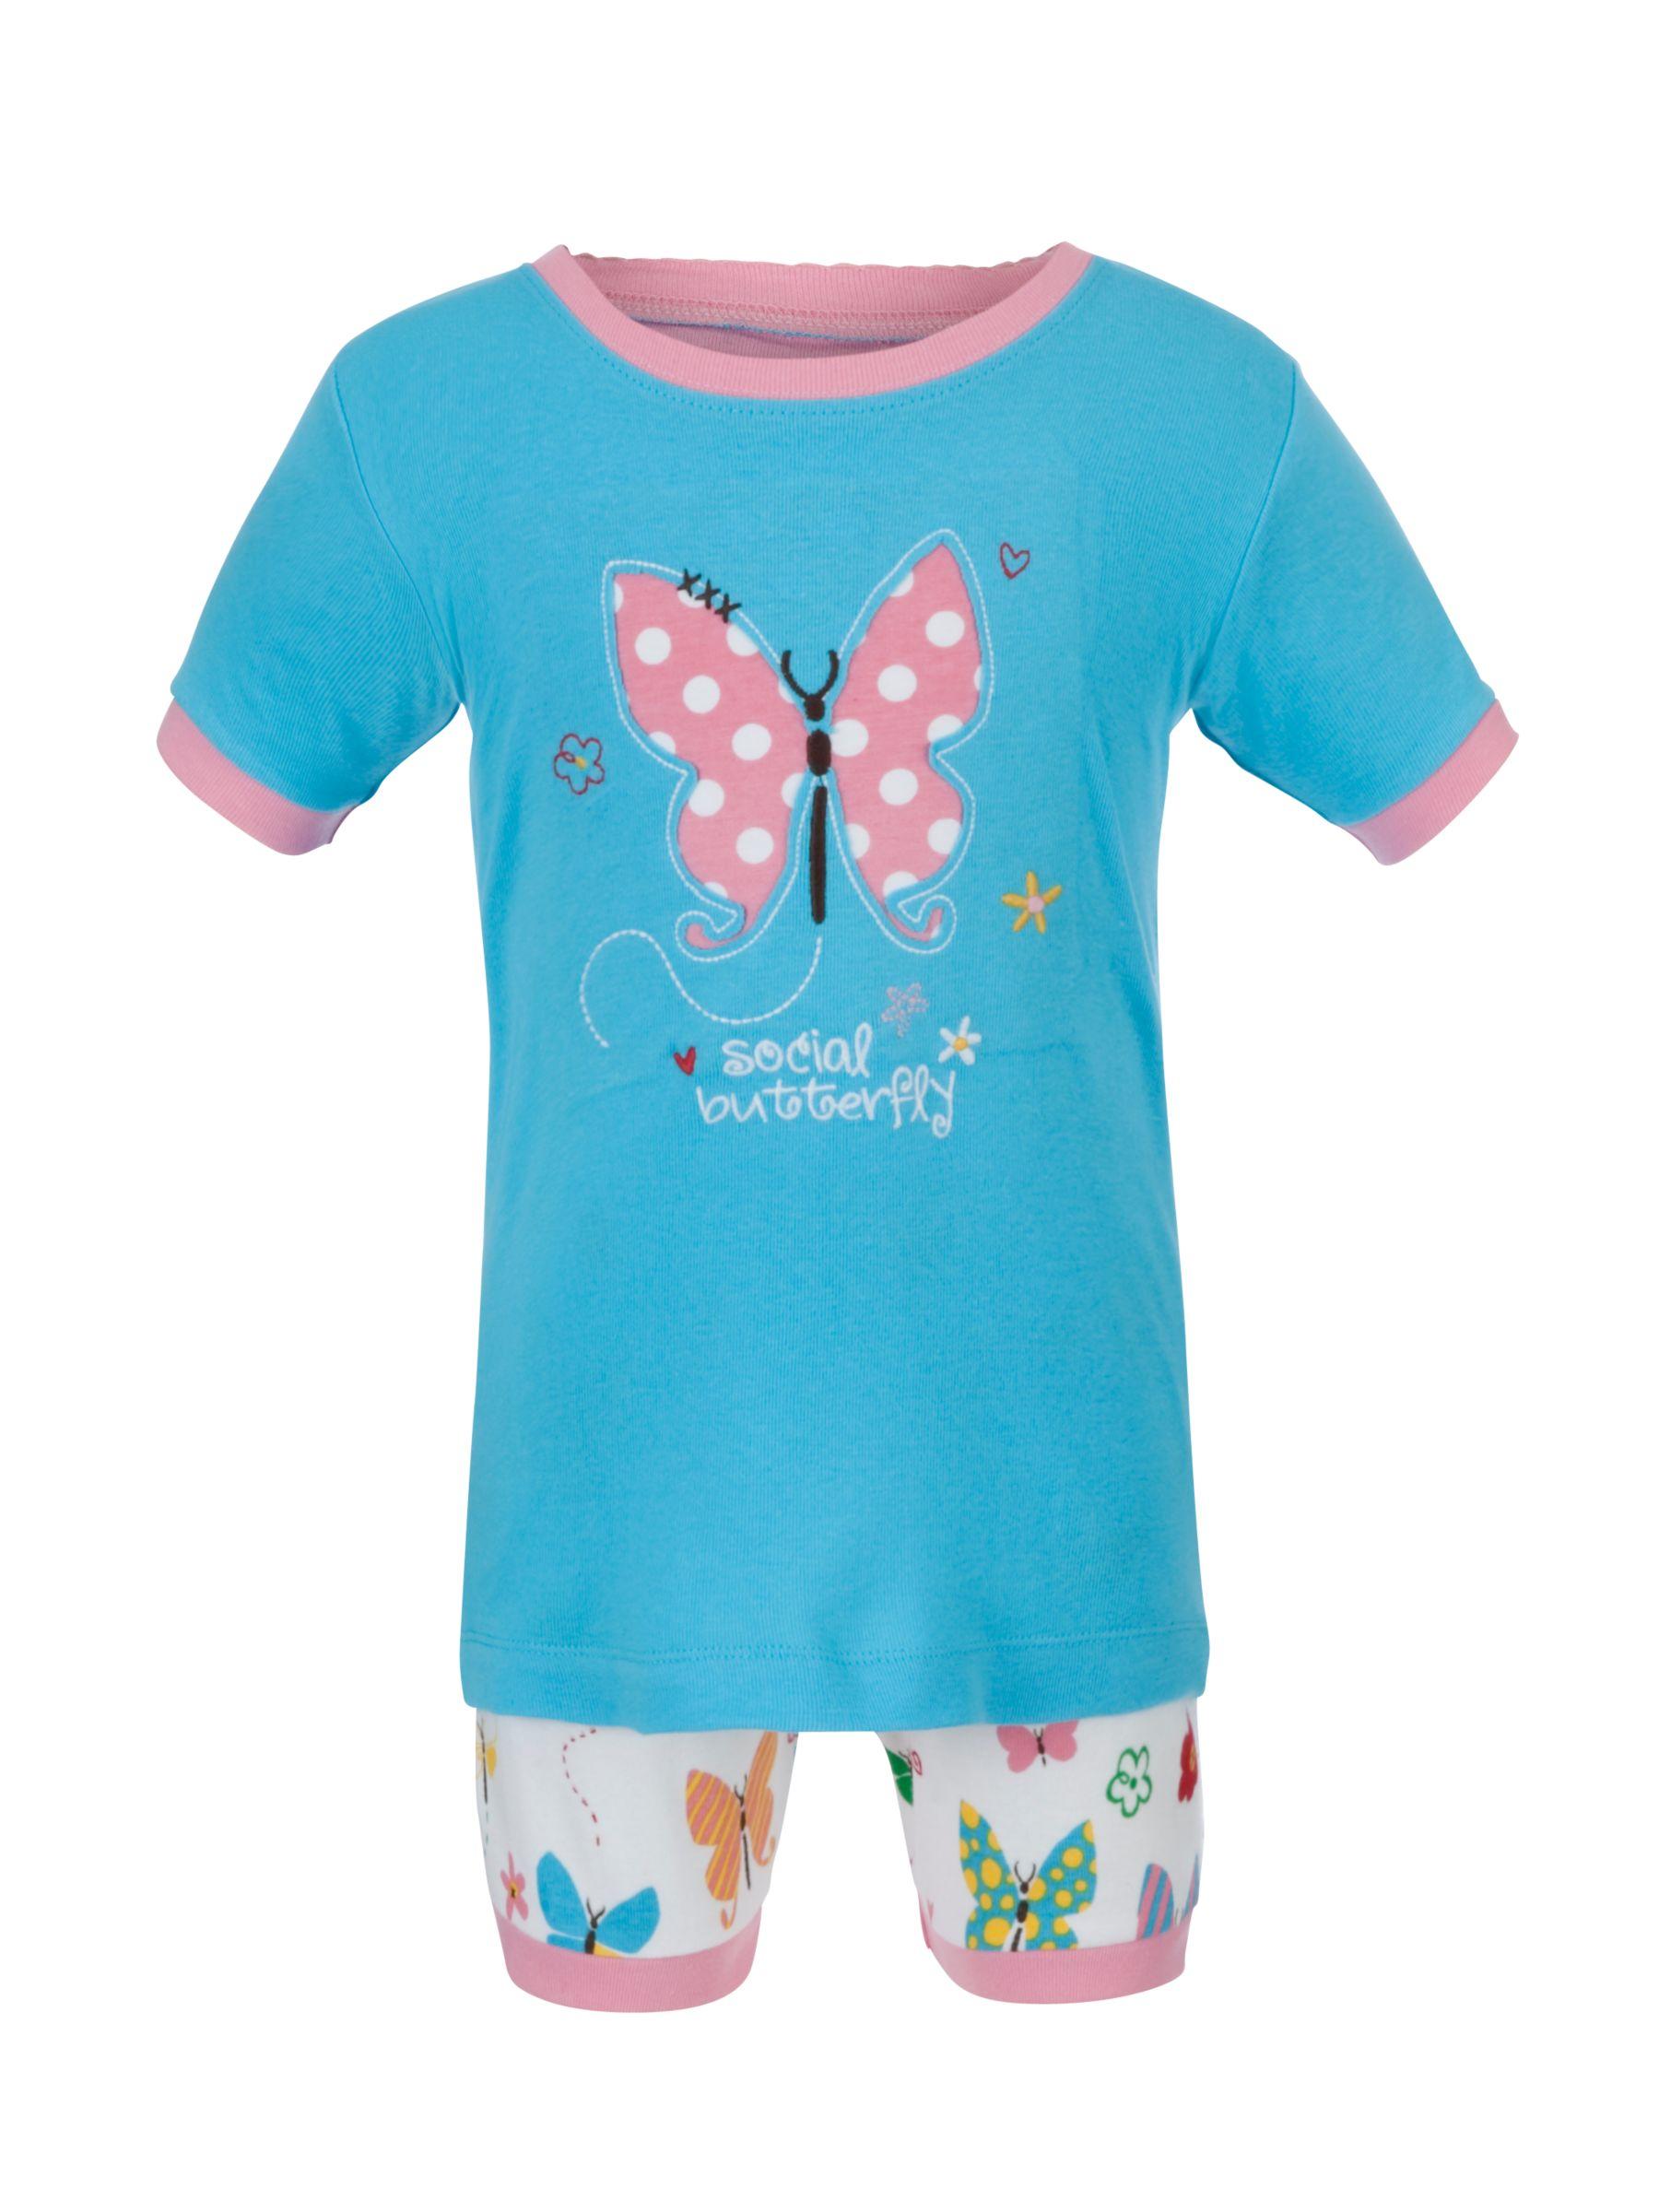 Hatley Social Butterfly Shortie Pyjamas, Blue